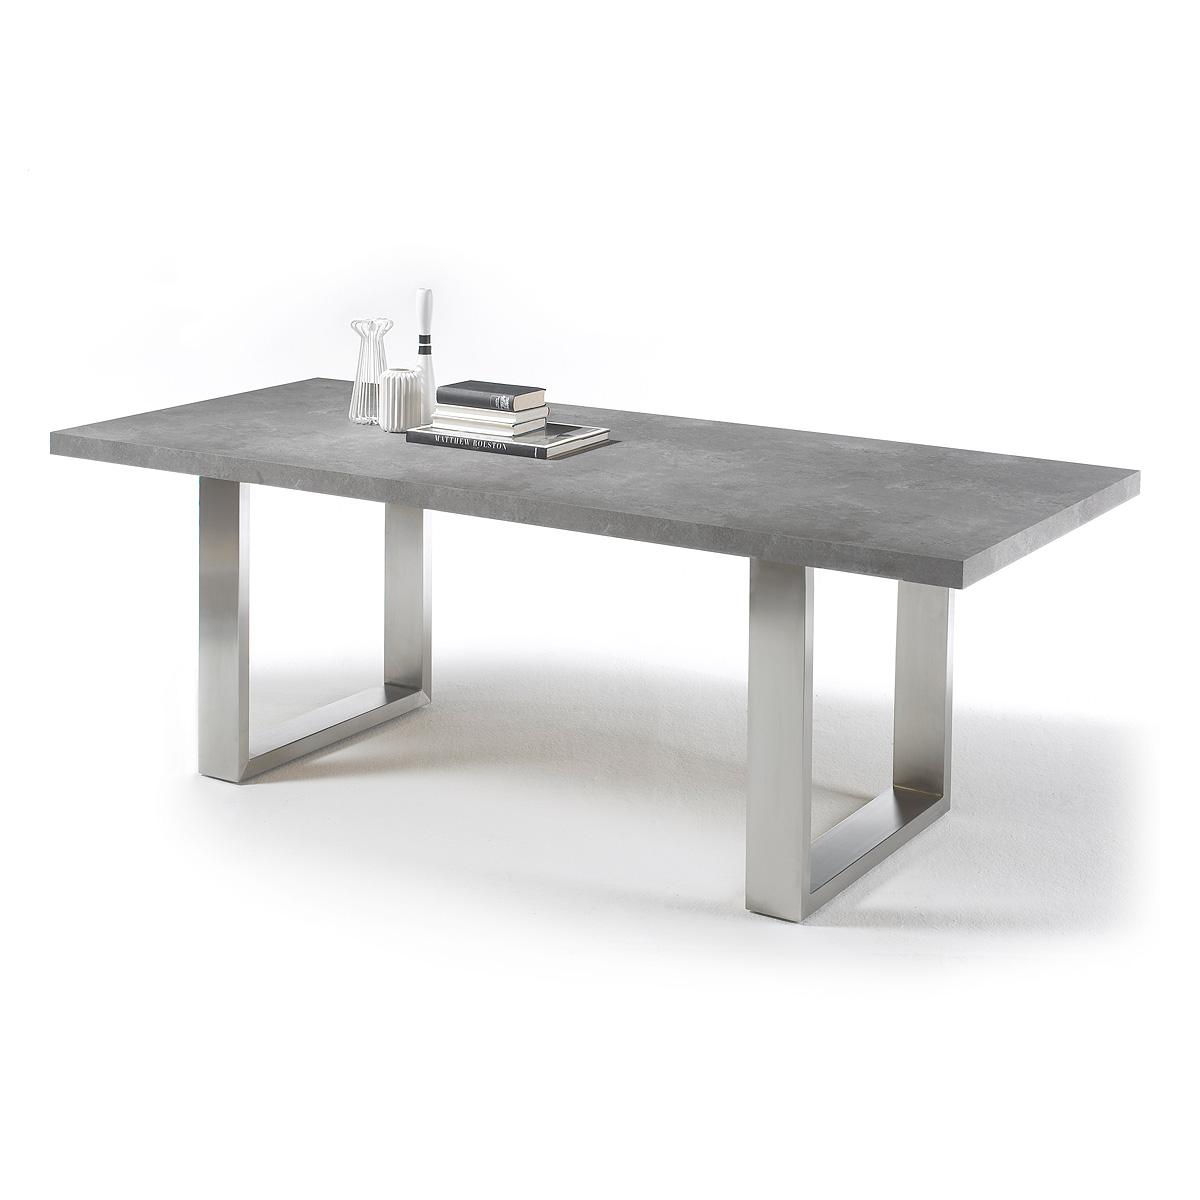 esstisch stone tisch esstisch esszimmertisch anthrazit. Black Bedroom Furniture Sets. Home Design Ideas